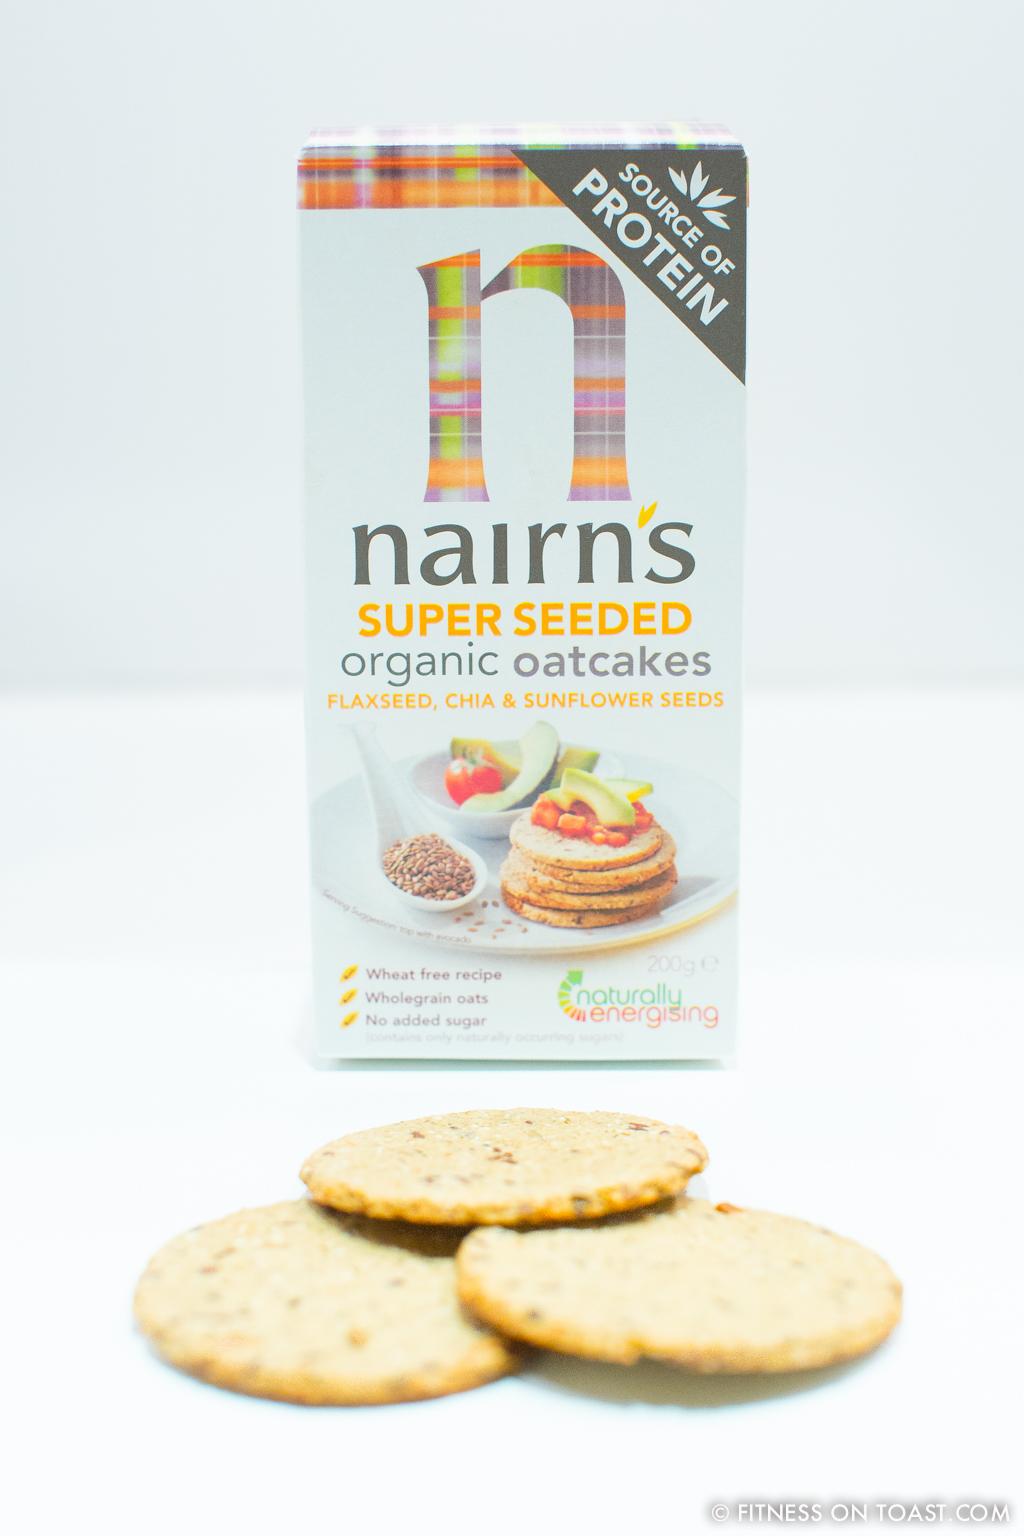 Fitness On Toast - Nairns-2